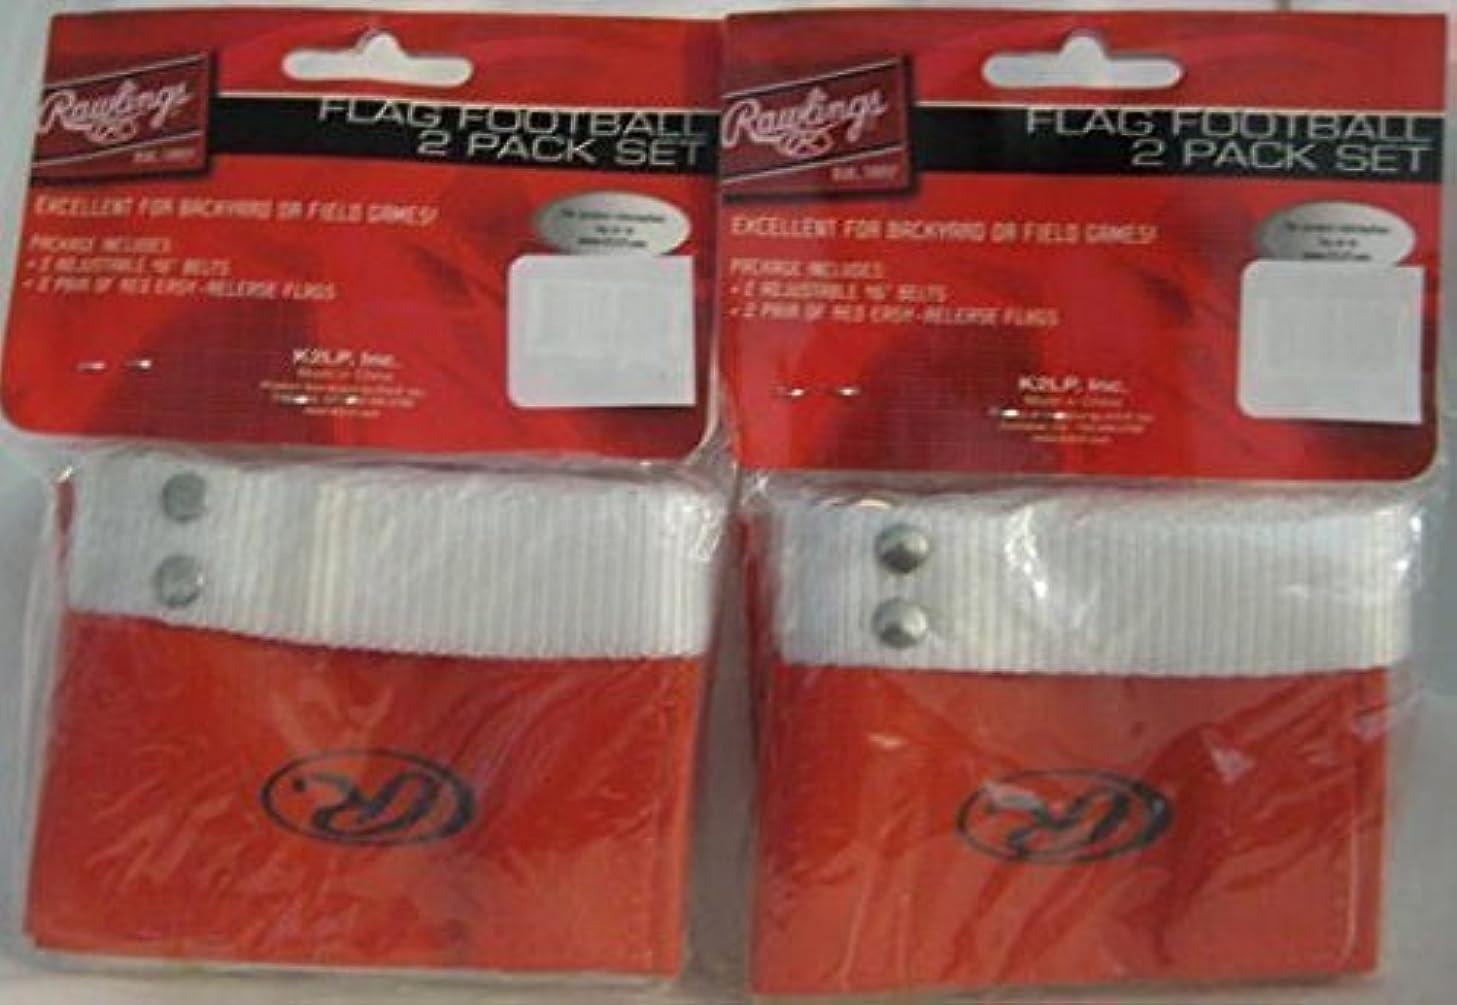 理由について専制2 Pack Rawlings Flag Football 2 Pack Set Each Package Contains: 2 Adjustable 46 Belts And 2 Pair of Red Easy-Release Flags